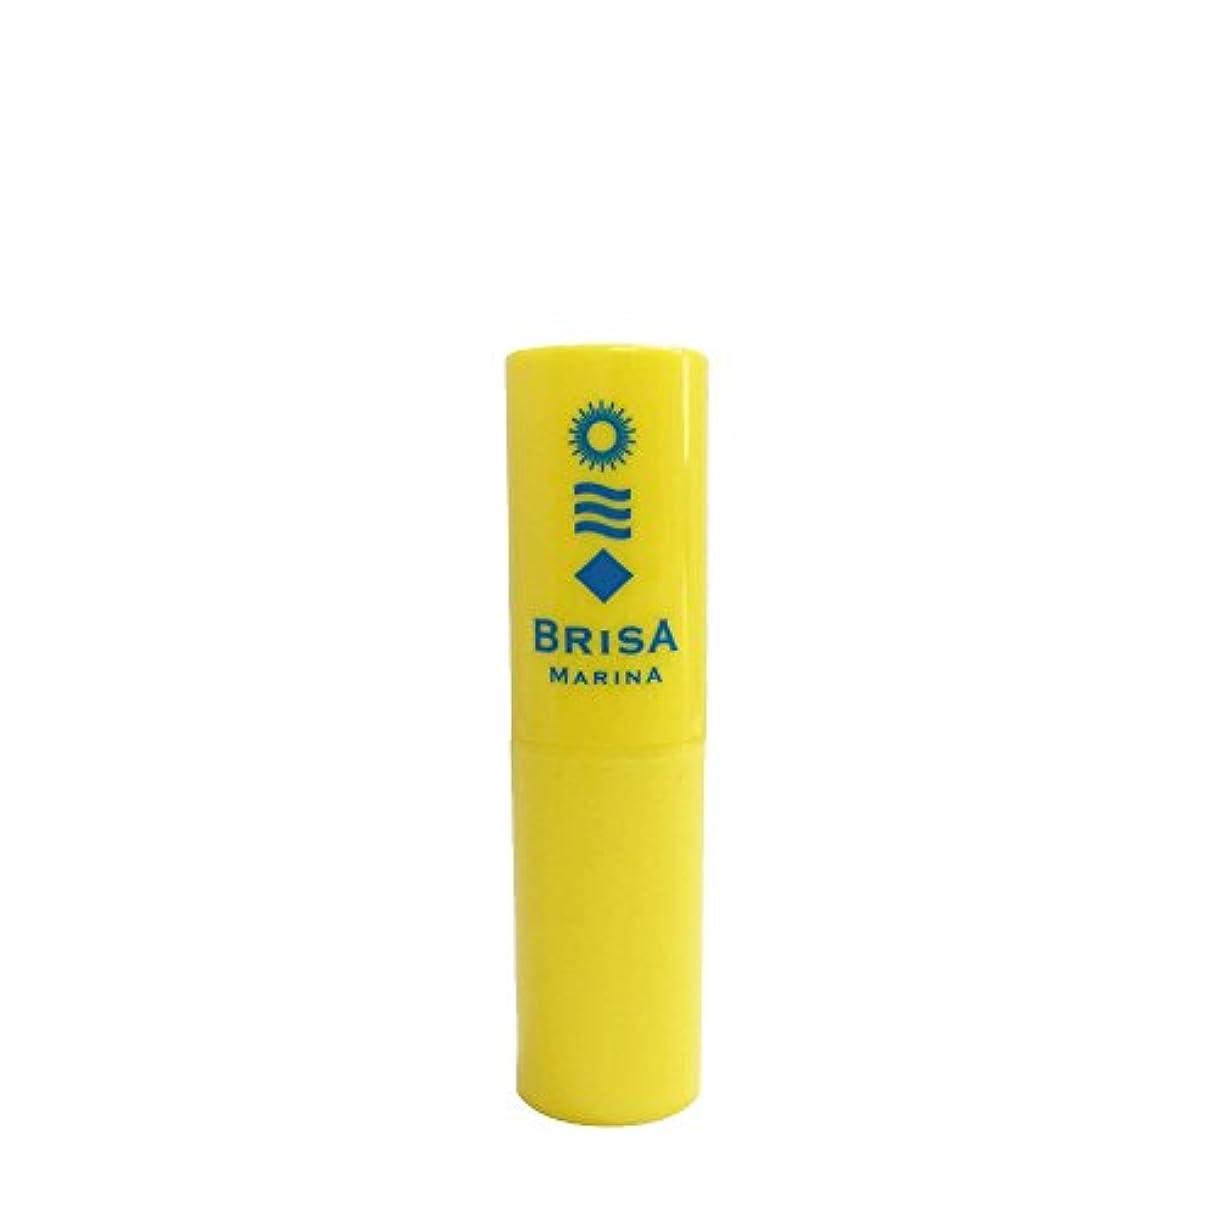 医薬品船尾操作可能BRISA MARINA(ブリサ マリーナ) 日焼け止めUVリップ(クリア) 3g[SPF32 PA+++] Z-0CBM0016200 バリエーション不要